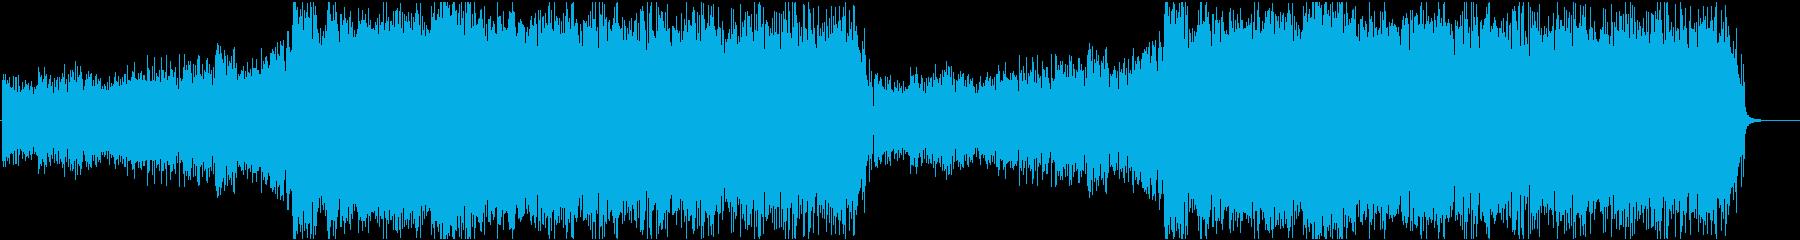 企業系CM風、感動爽やか曲の再生済みの波形